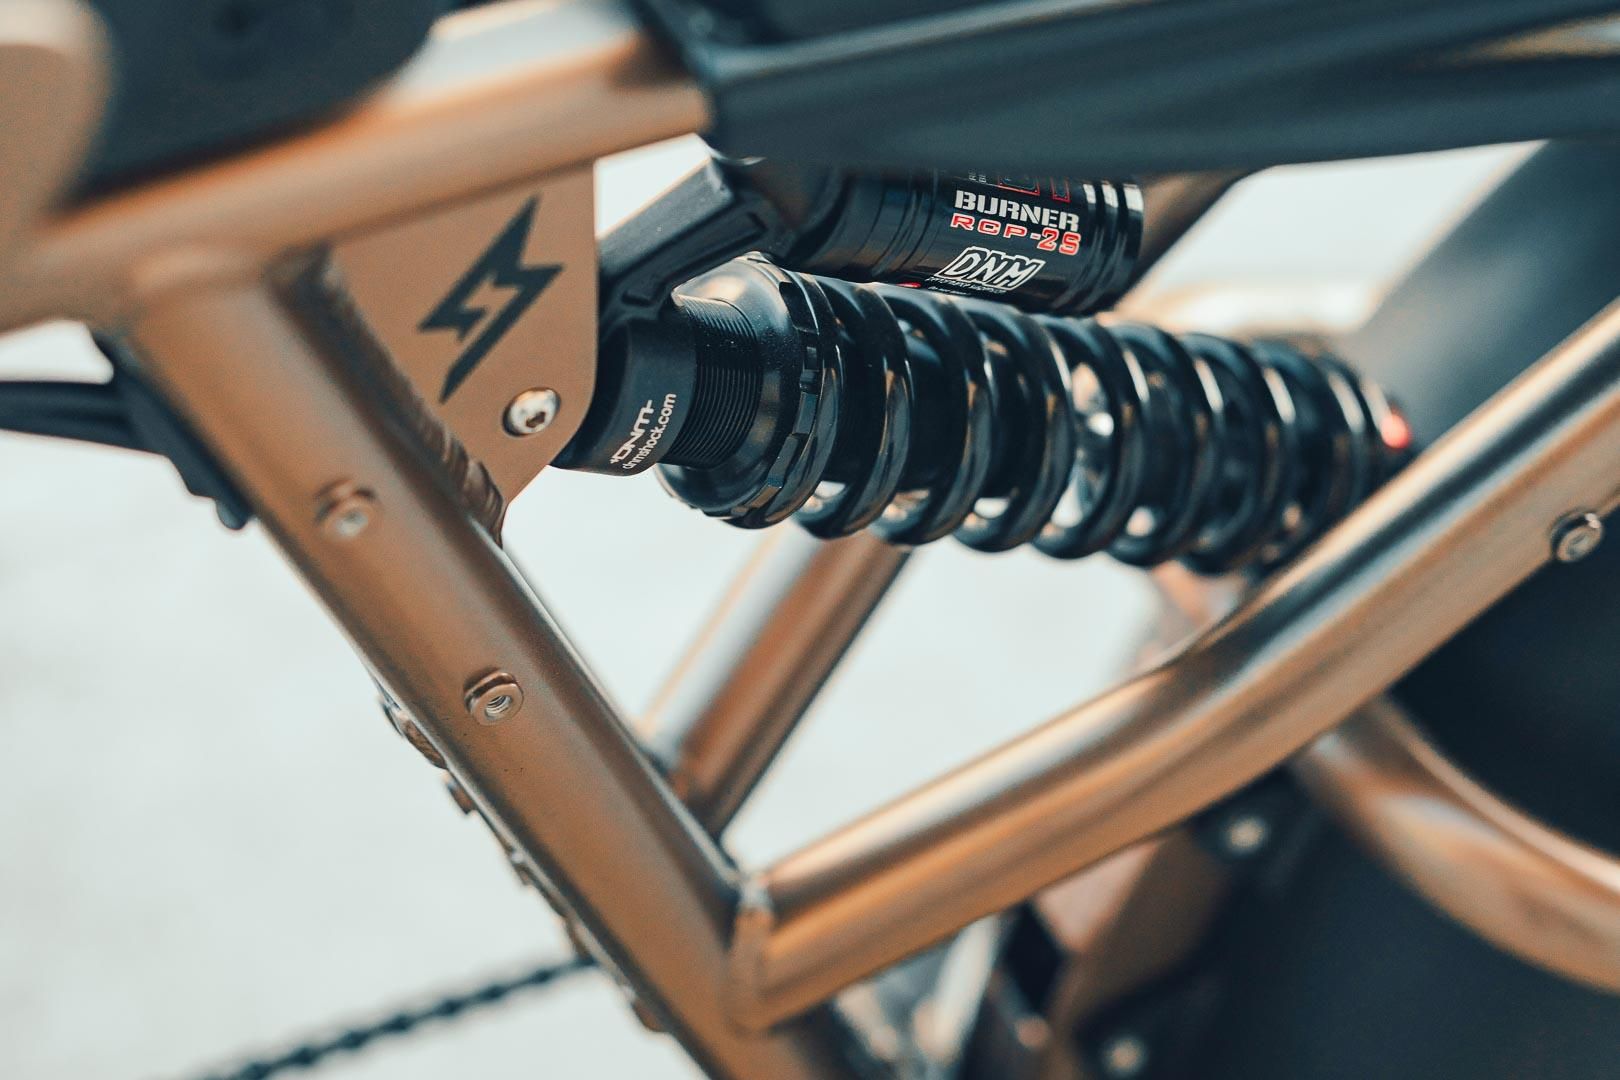 Super73 Flat Track RX: Chiếc xe đạp lai đầy táo bạo Ảnh 4